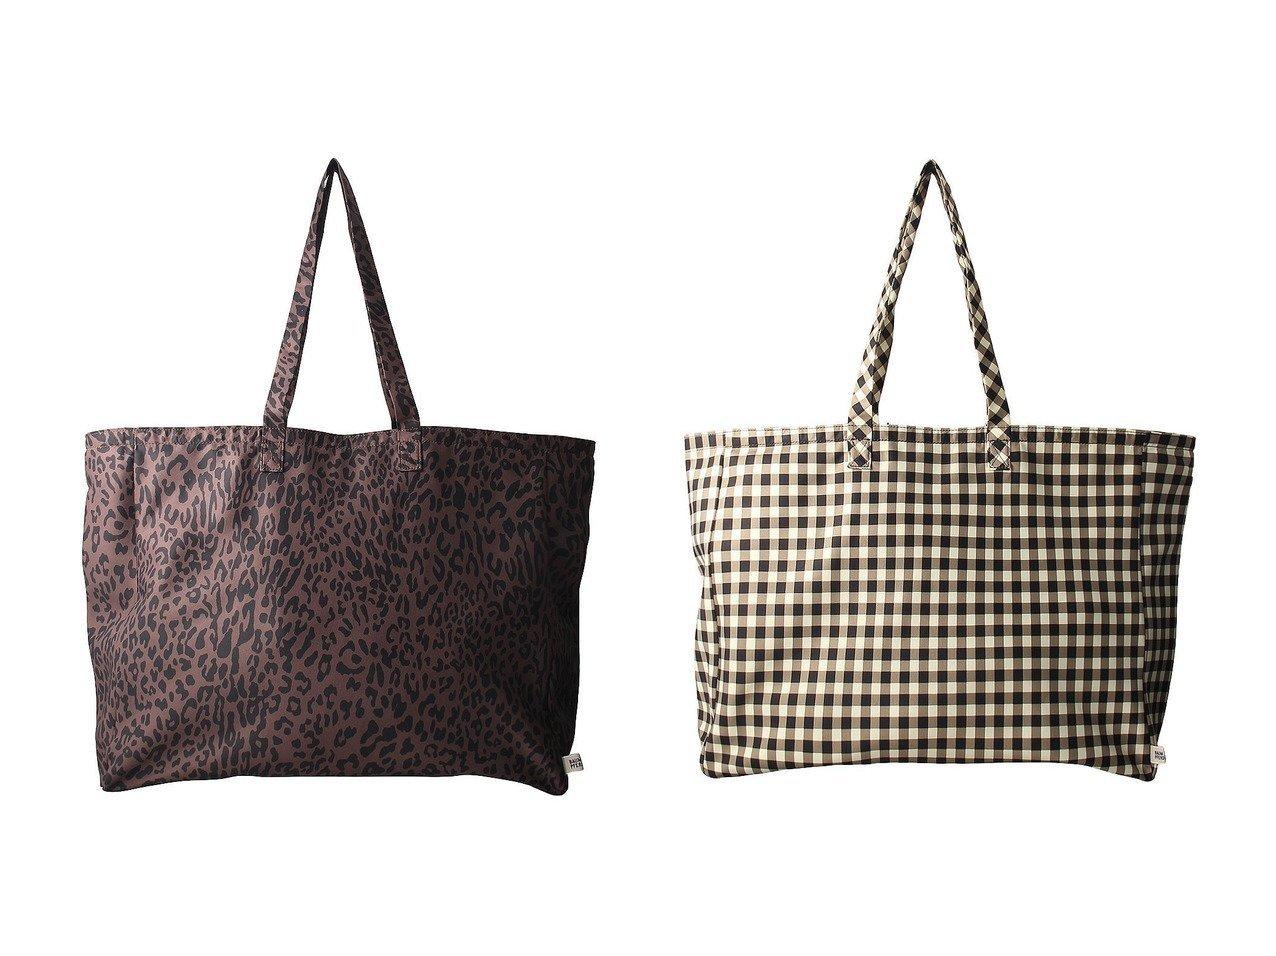 【heliopole/エリオポール】の【BAUM UND PFERDGARTEN】ビッグトートバッグ バッグ・鞄のおすすめ!人気トレンド・レディースファッションの通販 おすすめで人気のファッション通販商品 インテリア・家具・キッズファッション・メンズファッション・レディースファッション・服の通販 founy(ファニー) https://founy.com/ ファッション Fashion レディース WOMEN バッグ Bag |ID:crp329100000007008